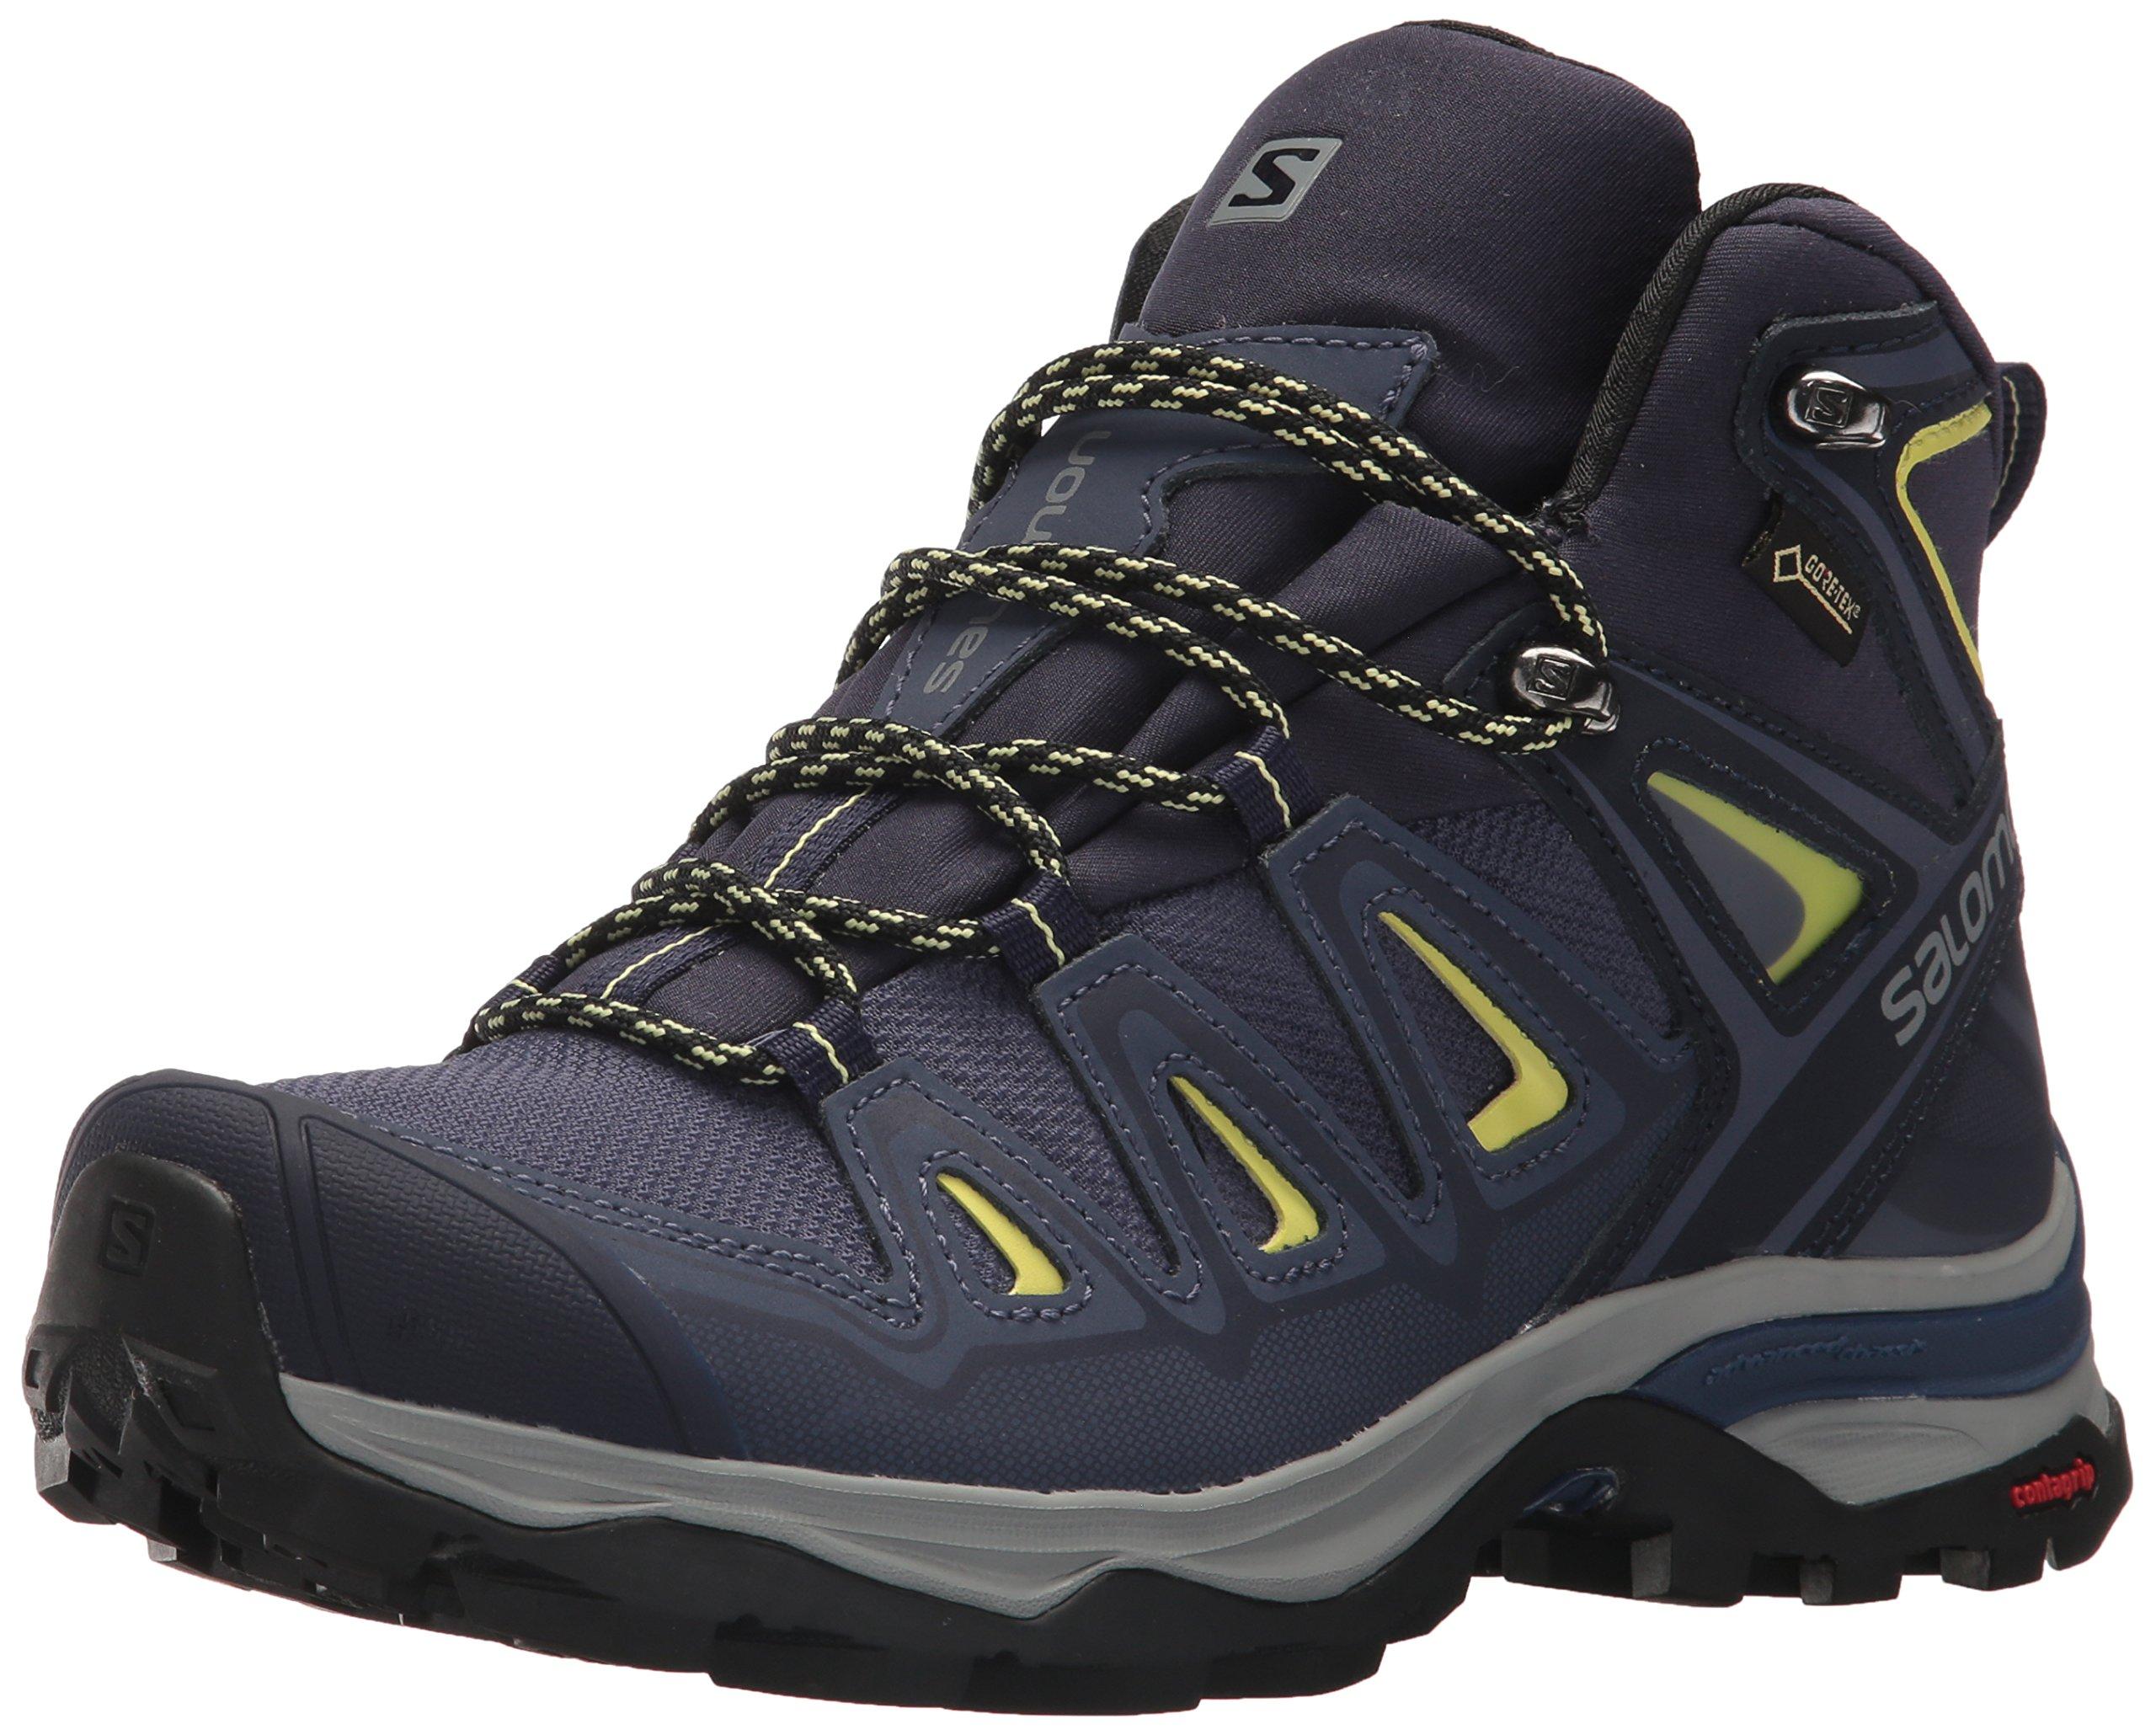 bb9ab442b3f Galleon - Salomon Women's X Ultra 3 Mid GTX W Hiking Boot,Crown Blue,8.5 M  US